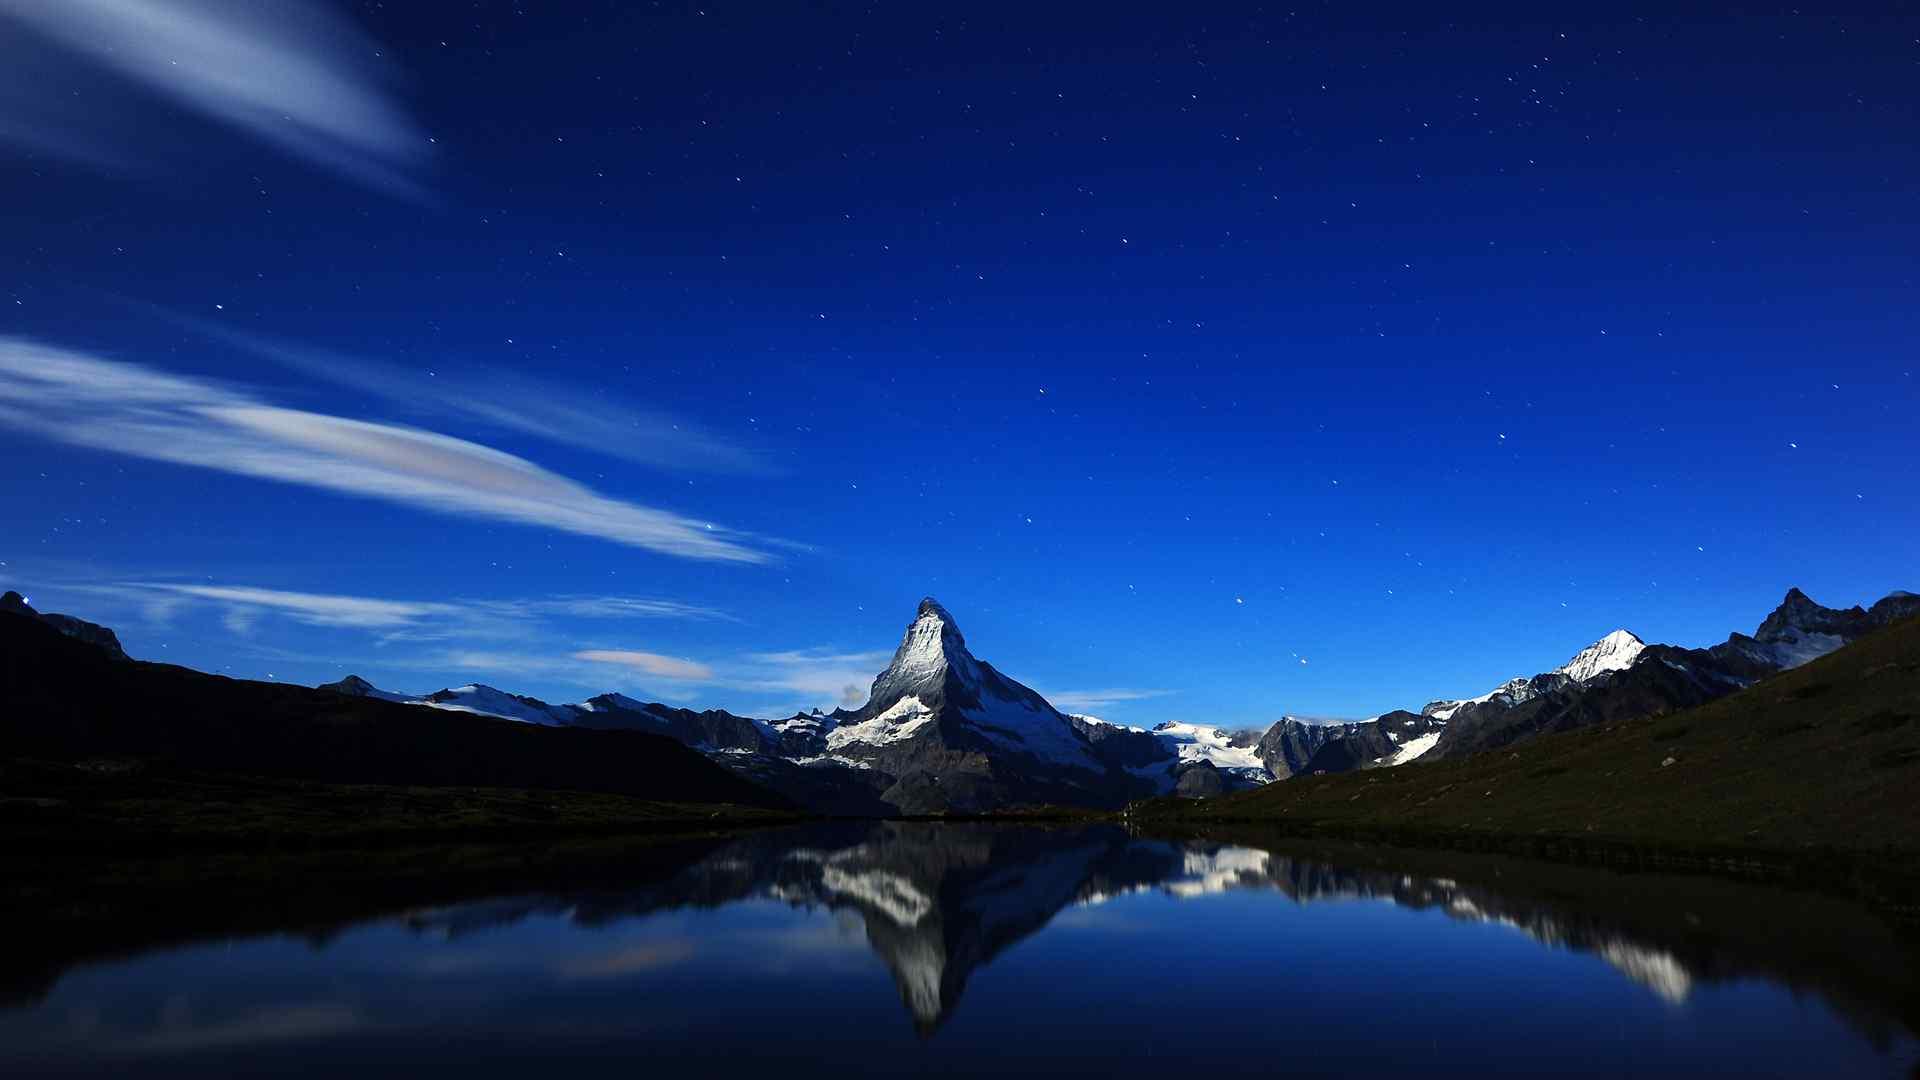 马特宏峰小湖畔山水倒影星空风景桌面壁纸